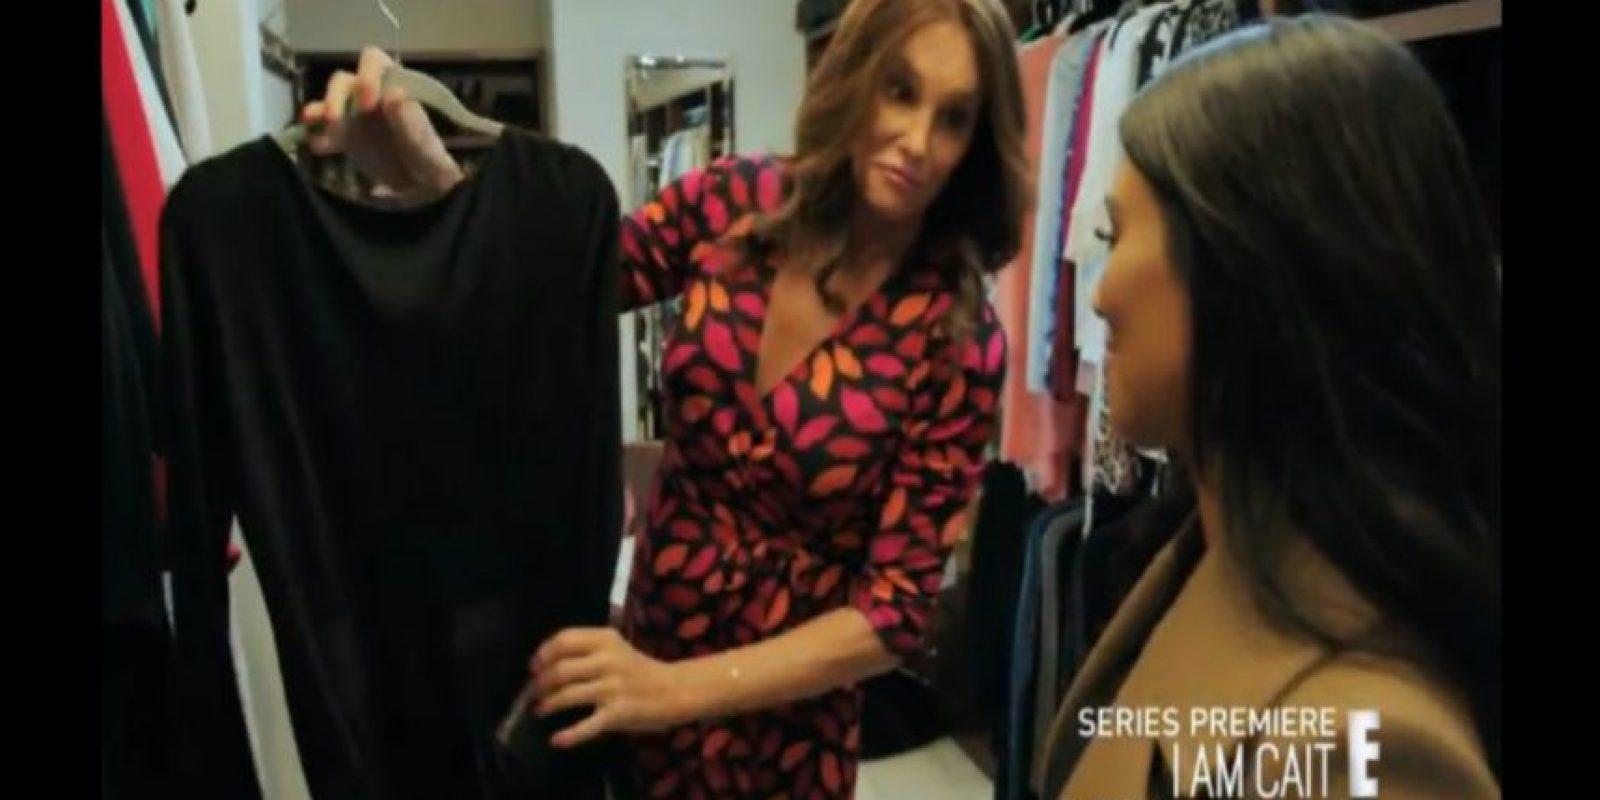 Caitlyn le muestra un hermoso vestido negro a Kim Kardashian que, parece ser, acaba de comprar. Foto:YouTube/Enews